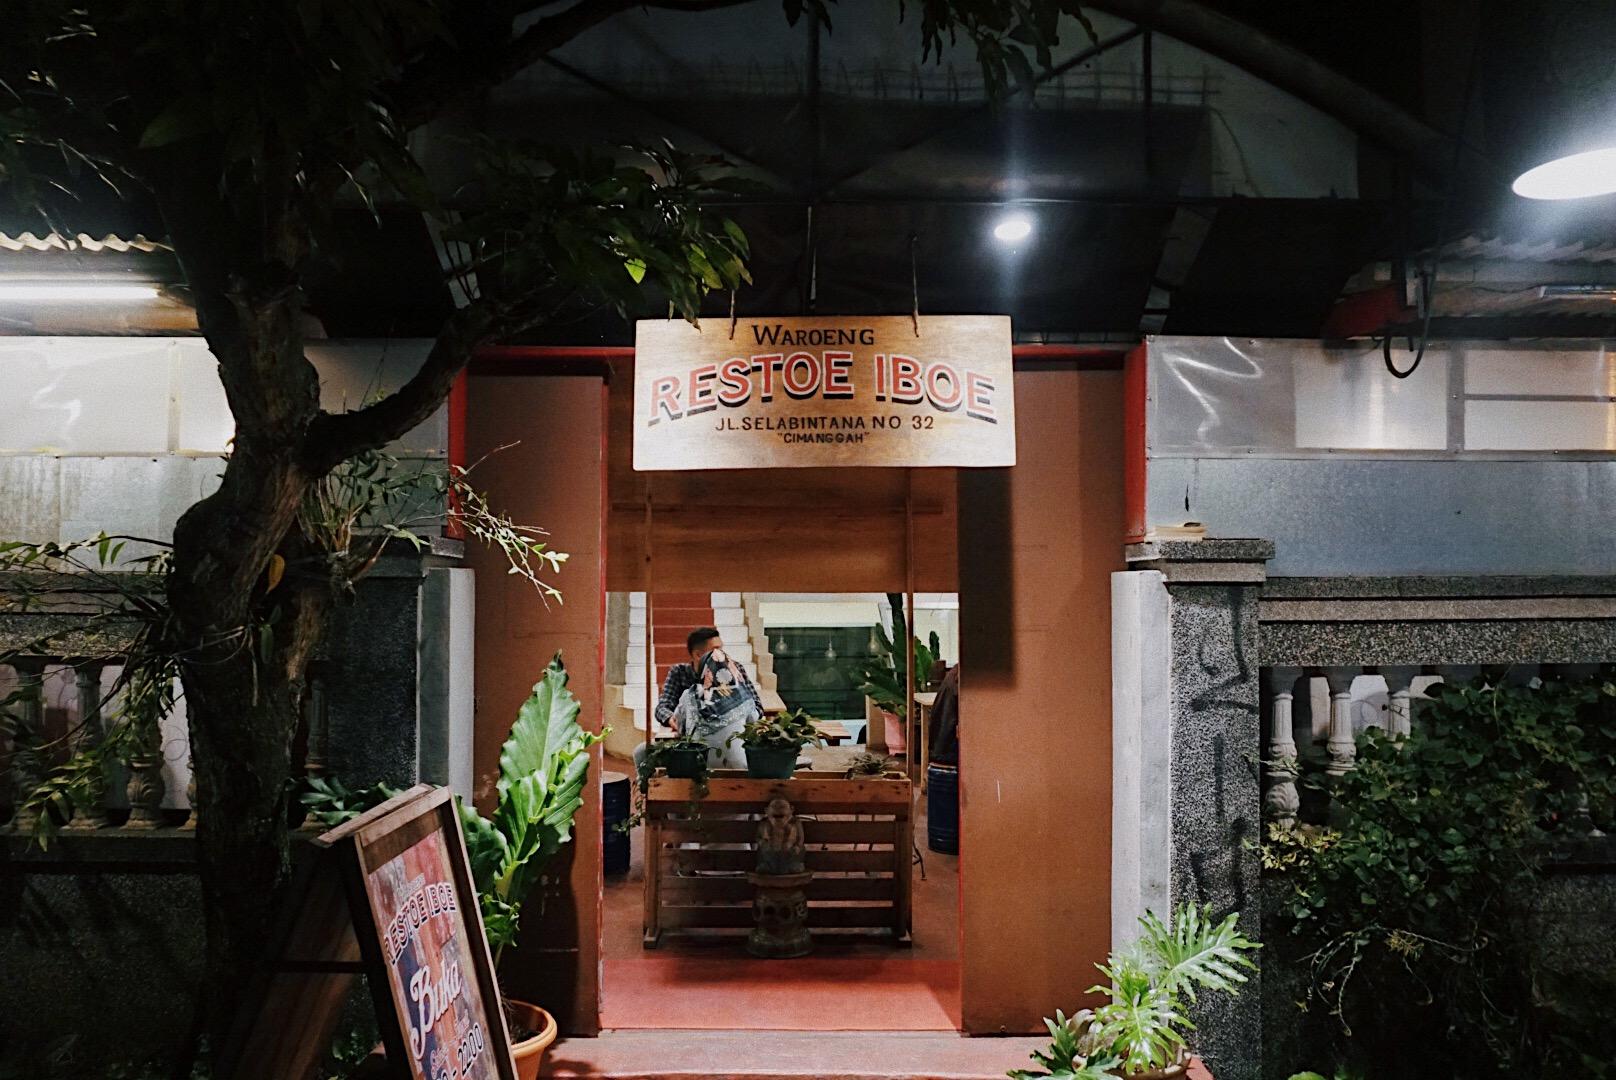 Mesin Waktu bernama Waroeng Restoe Iboe